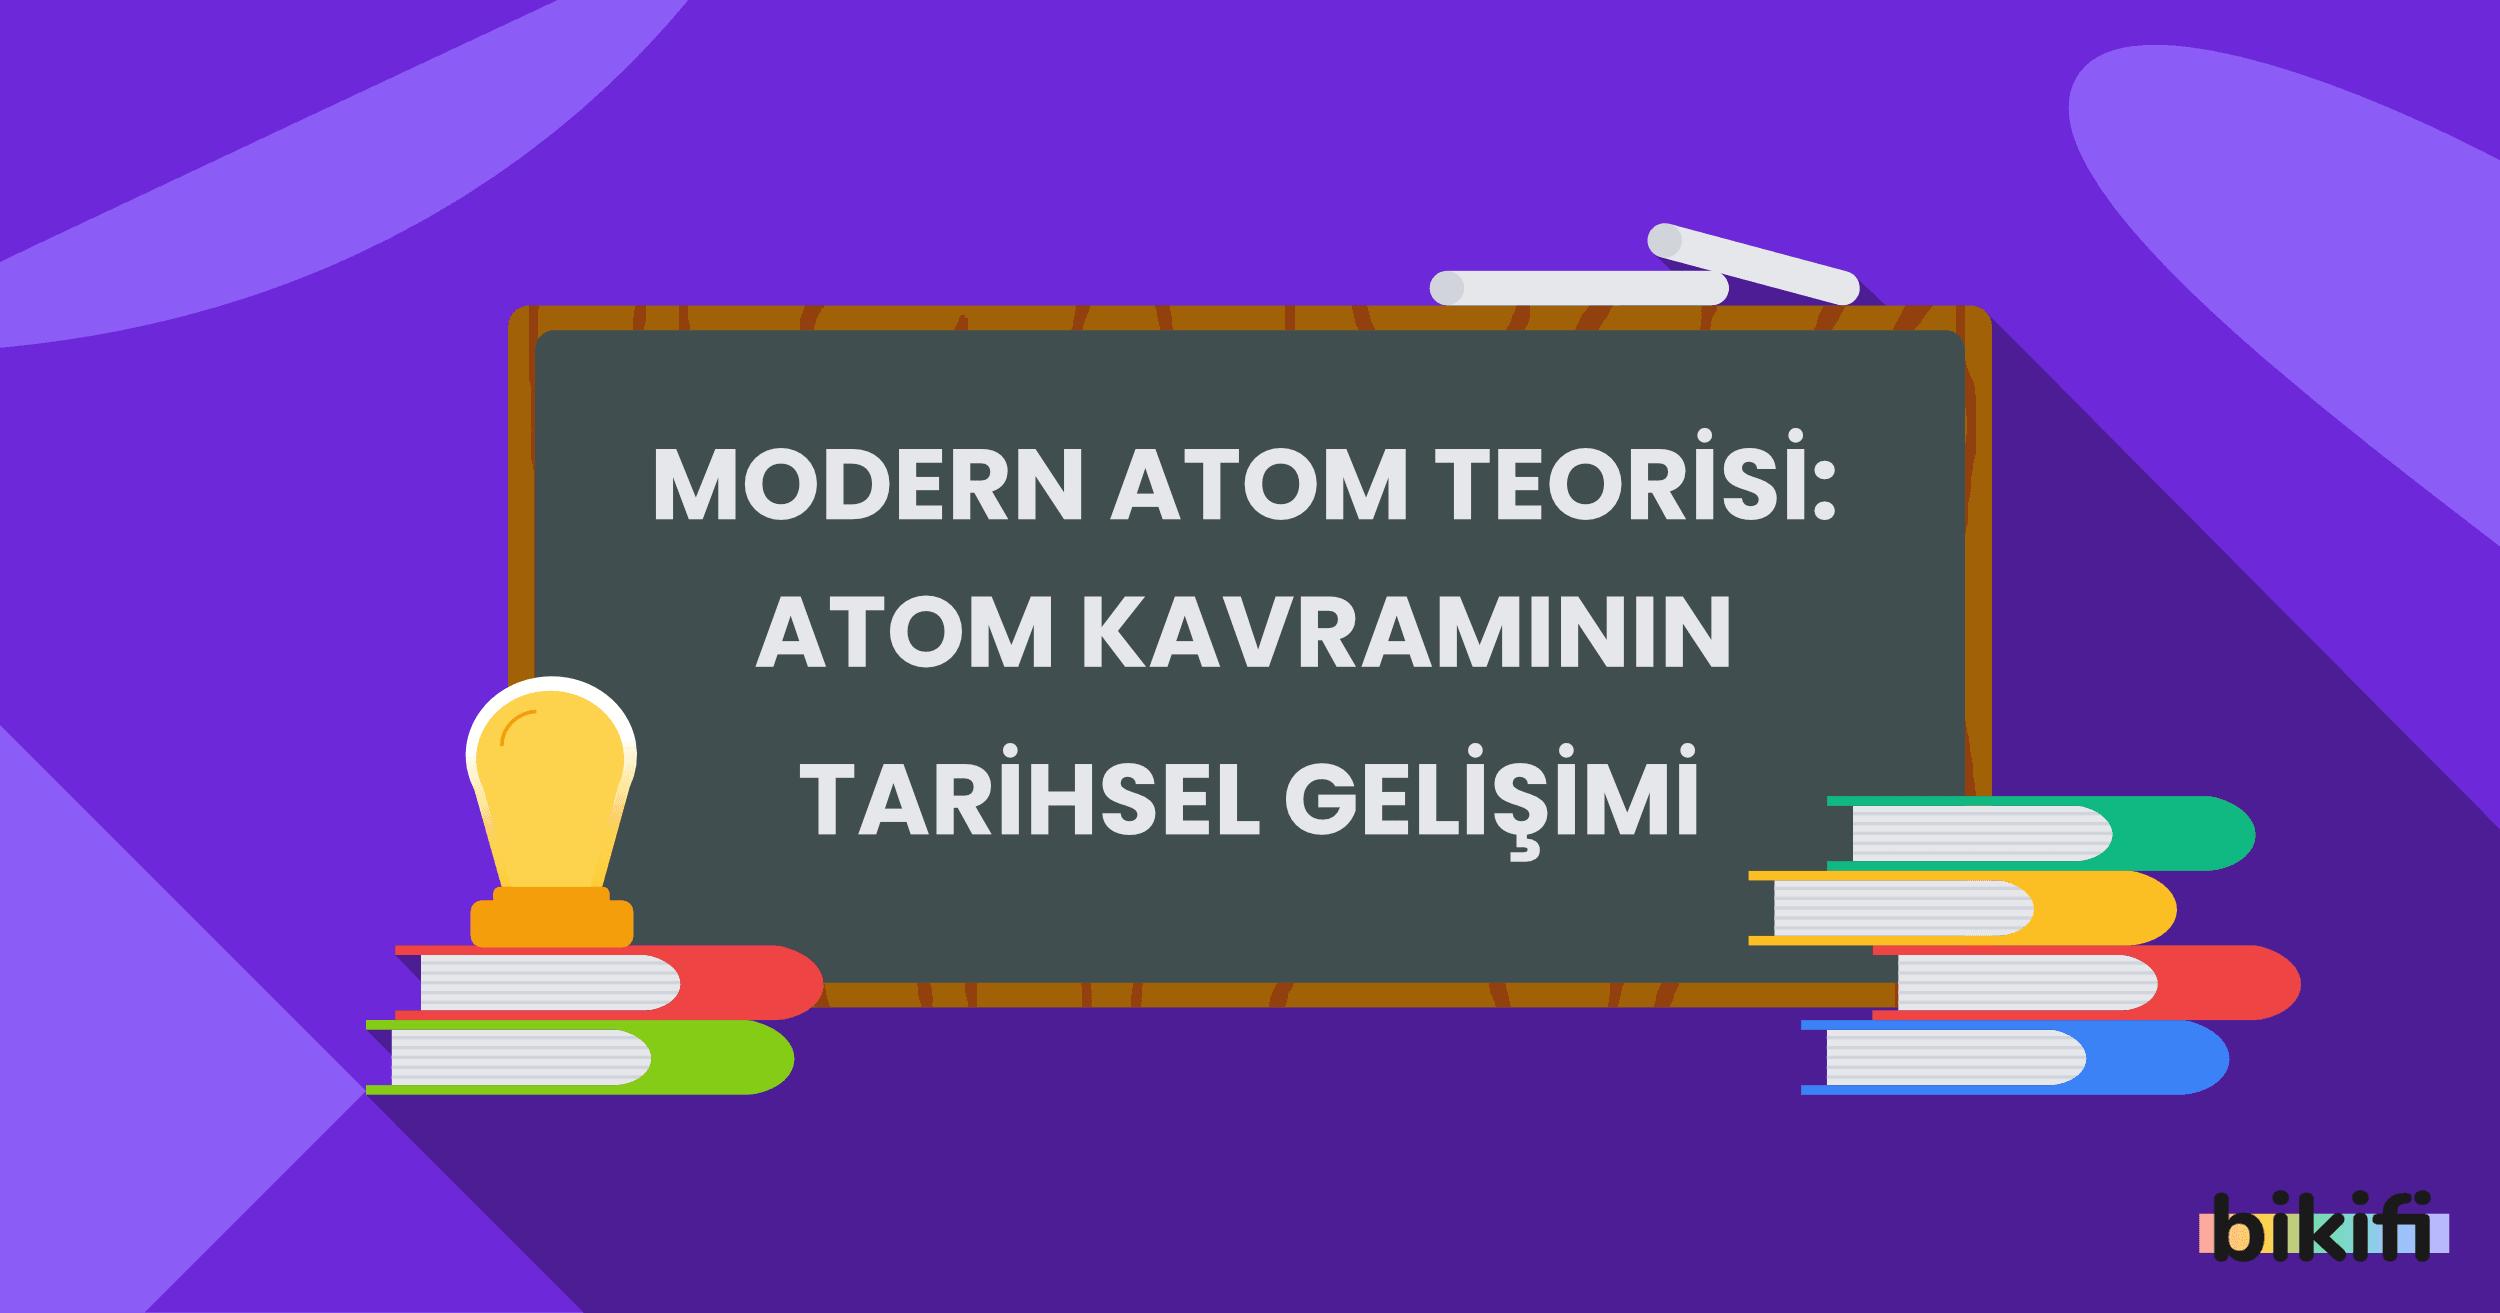 Modern Atom Teorisi: Atom Kavramının Tarihsel Gelişimi